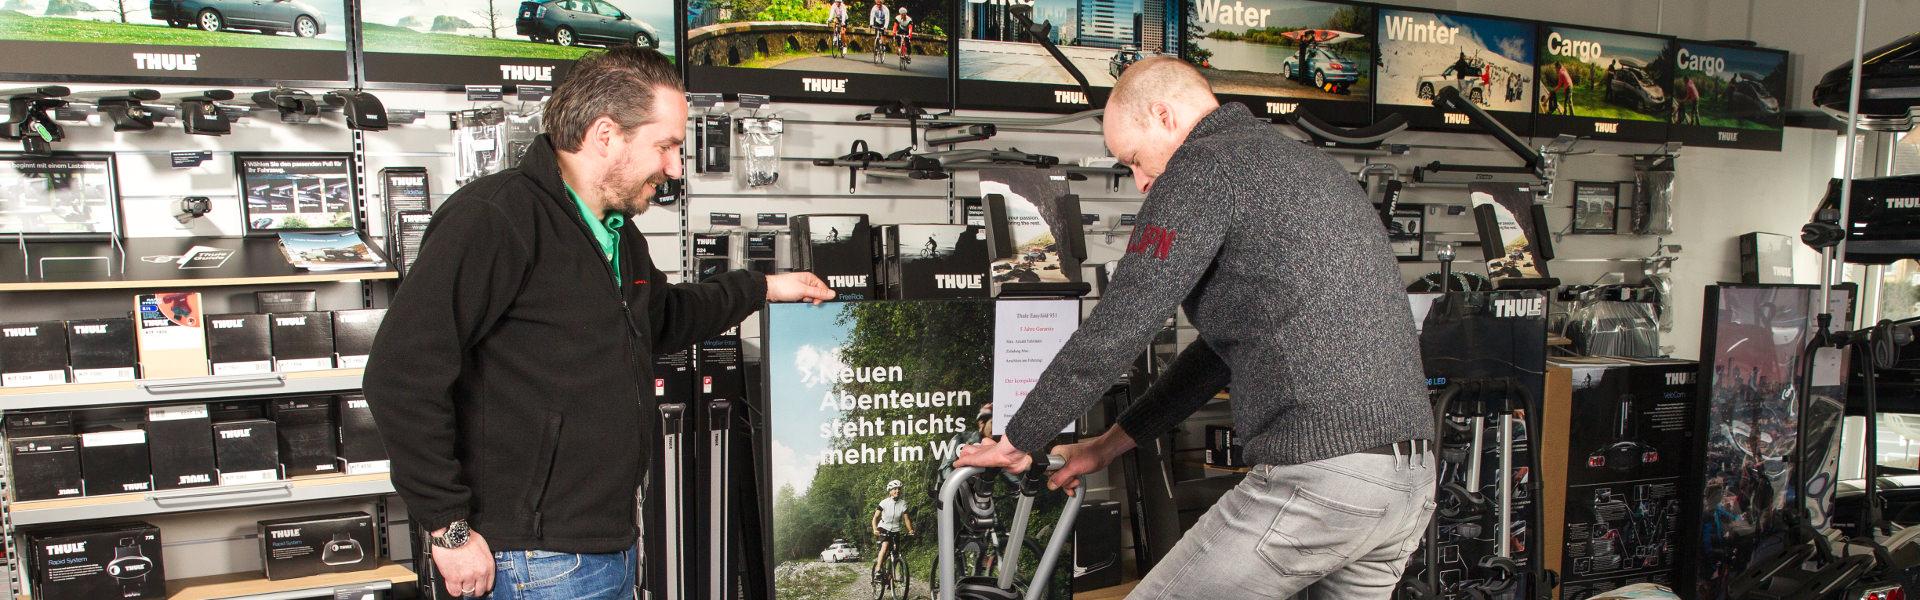 Autoteile Augat_News_Thule_crop